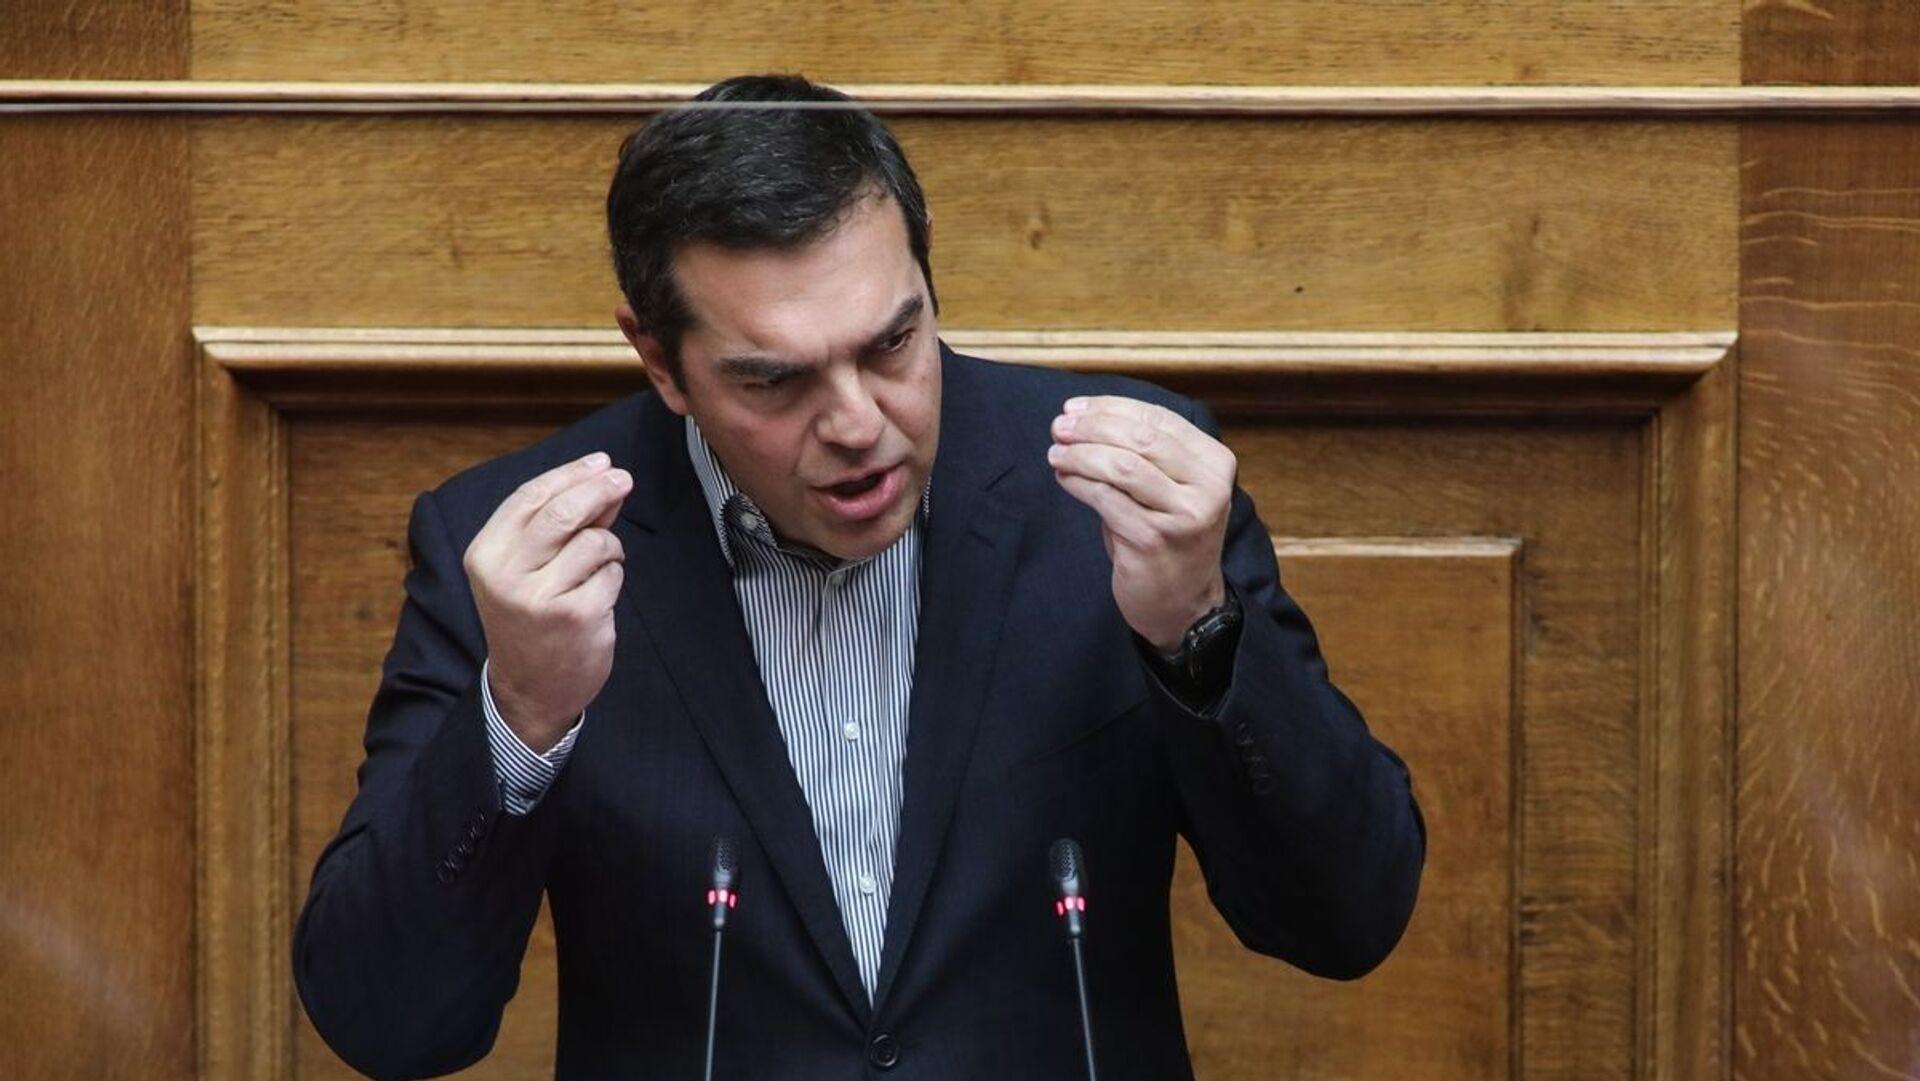 Αλέξης Τσίπρας στη Βουλή - Sputnik Ελλάδα, 1920, 27.09.2021